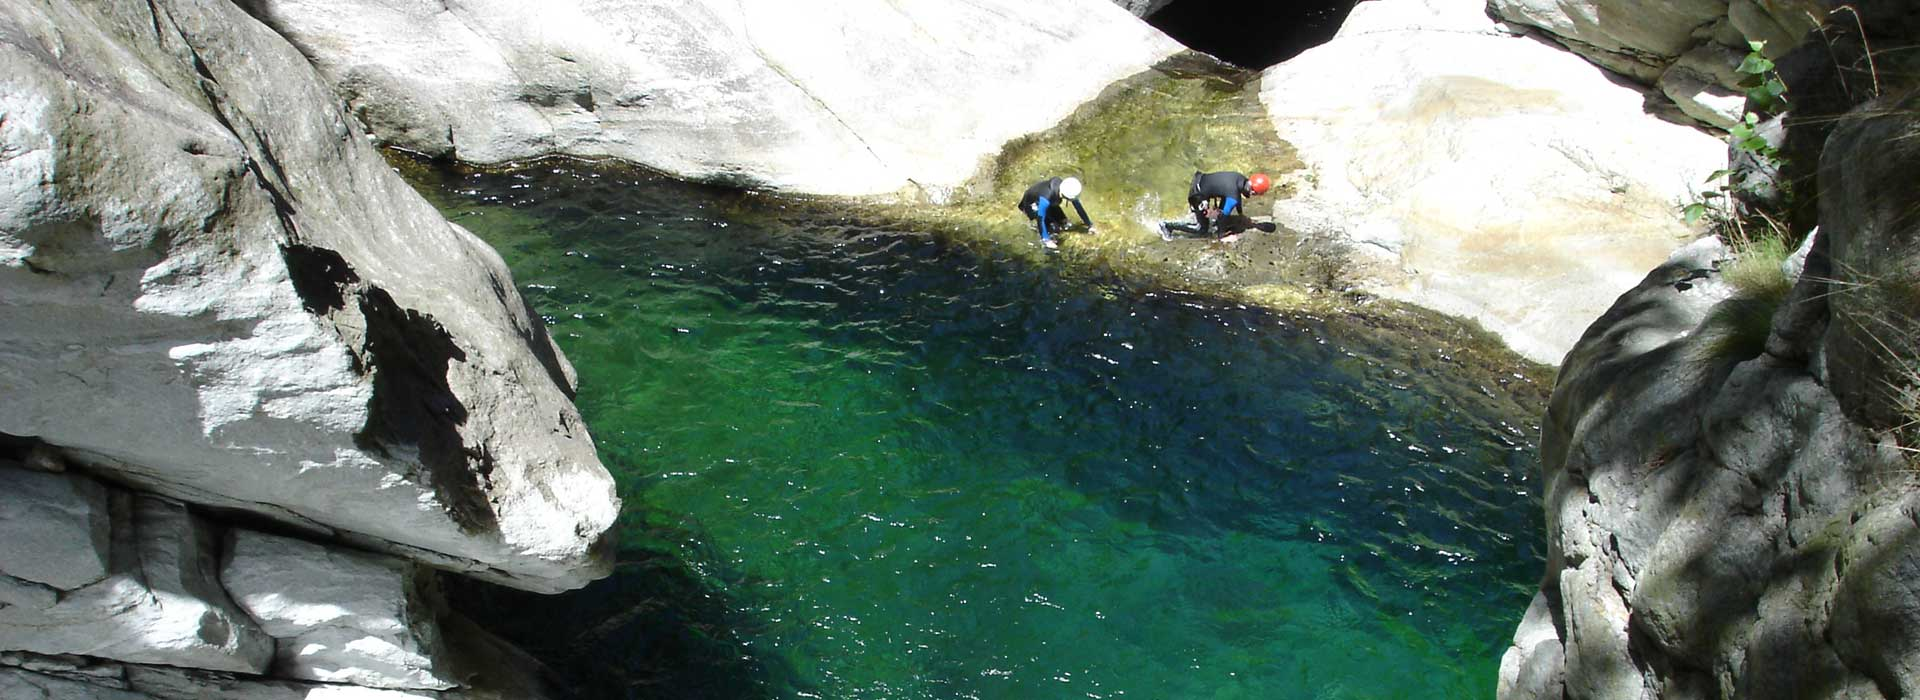 Canyoning en Italie: Le Fer